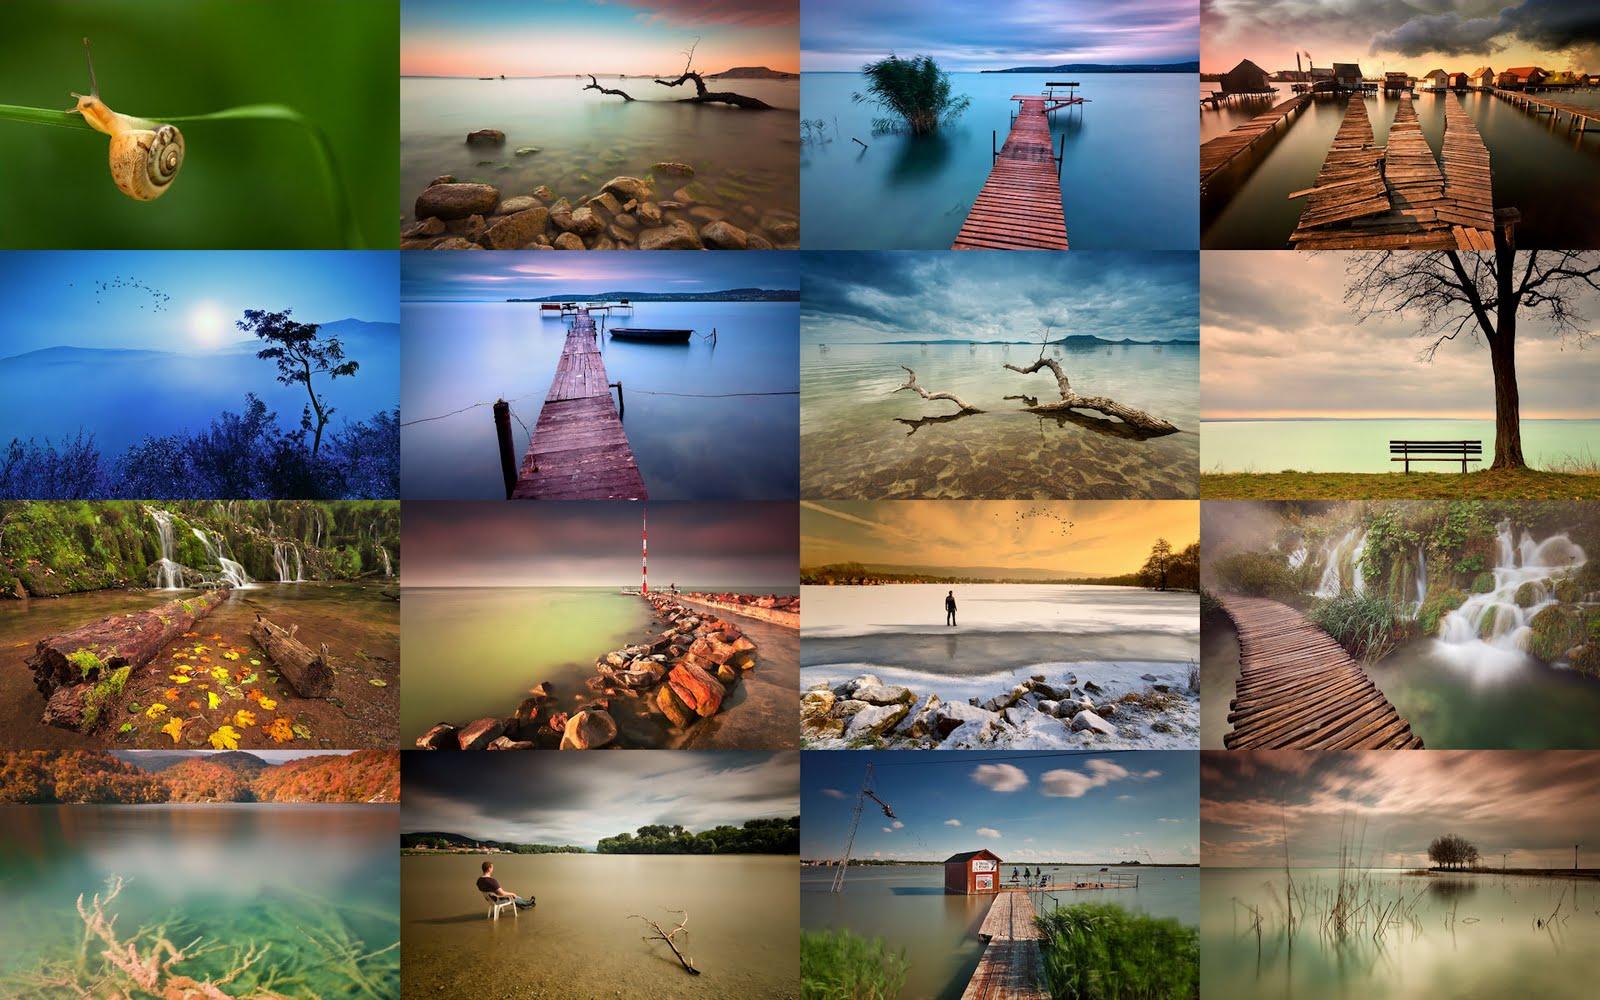 Wallpaper de los paisajes más hermosos del mundo a 1920x1200px de resolución